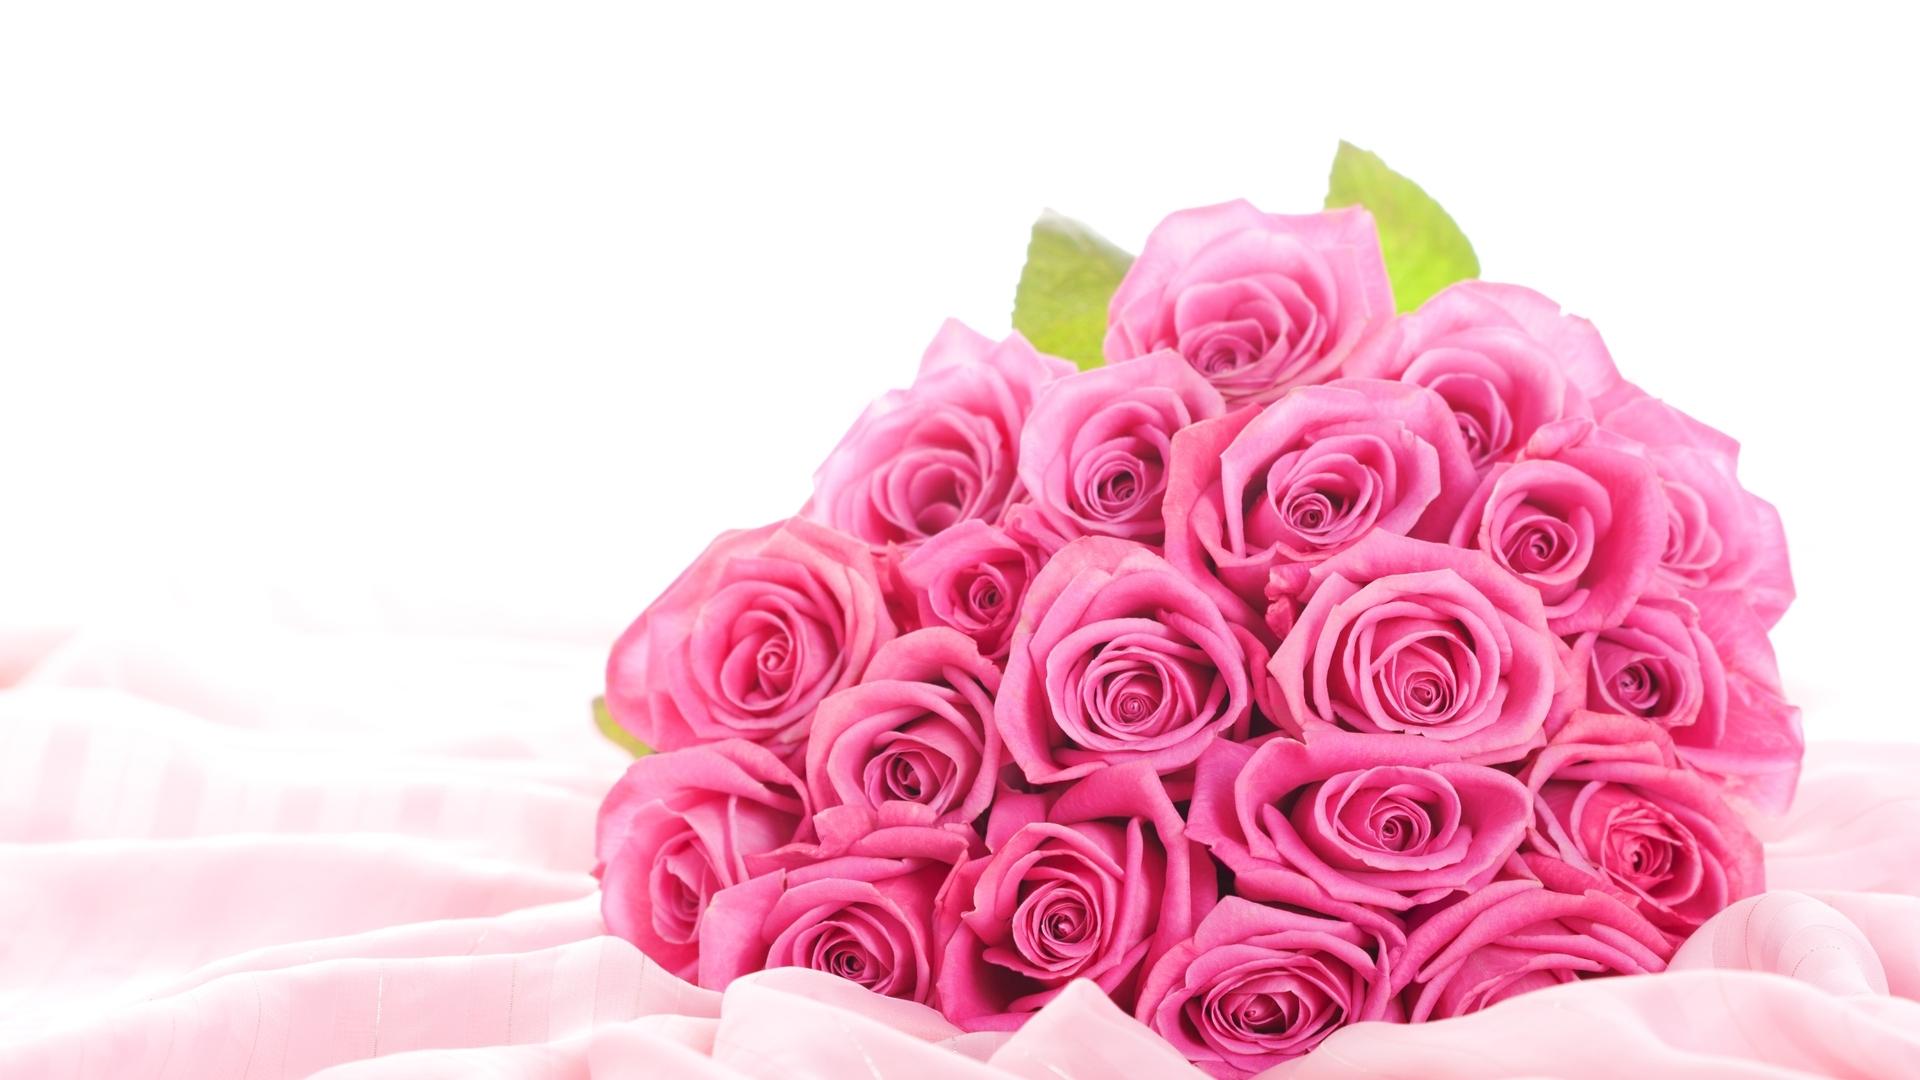 30583 скачать обои Растения, Цветы, Розы, Букеты - заставки и картинки бесплатно